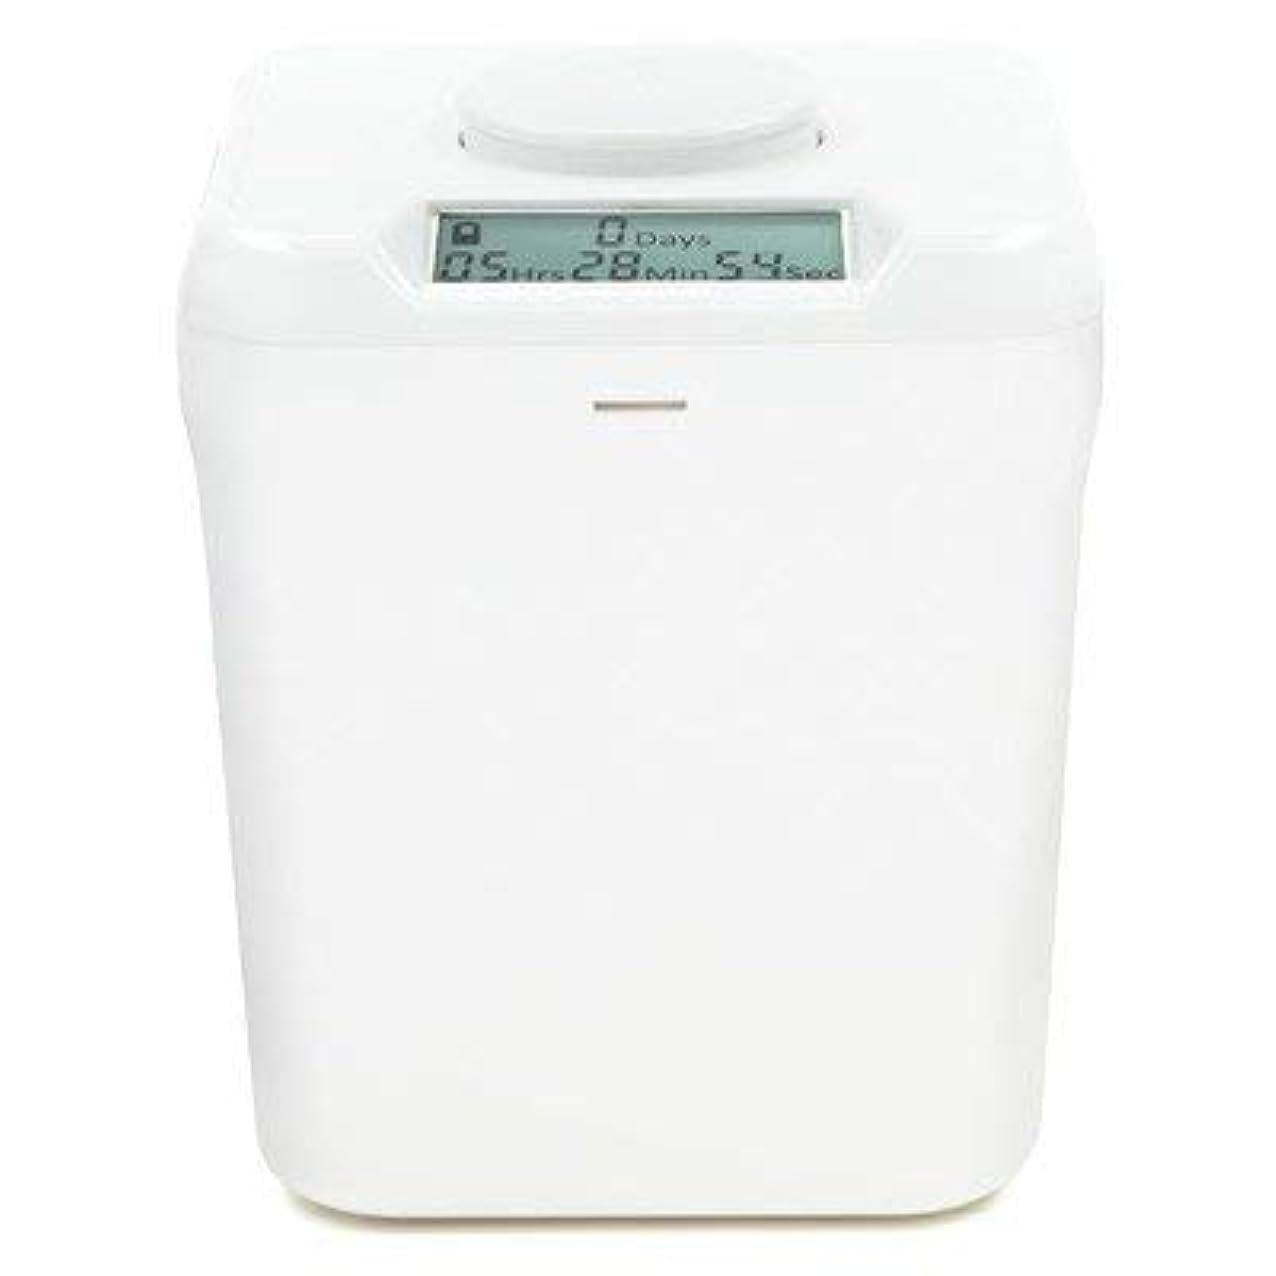 ベルト北へお香Kitchen Safe: Time Locking Container (White Lid + White Base) - 14cm inside height